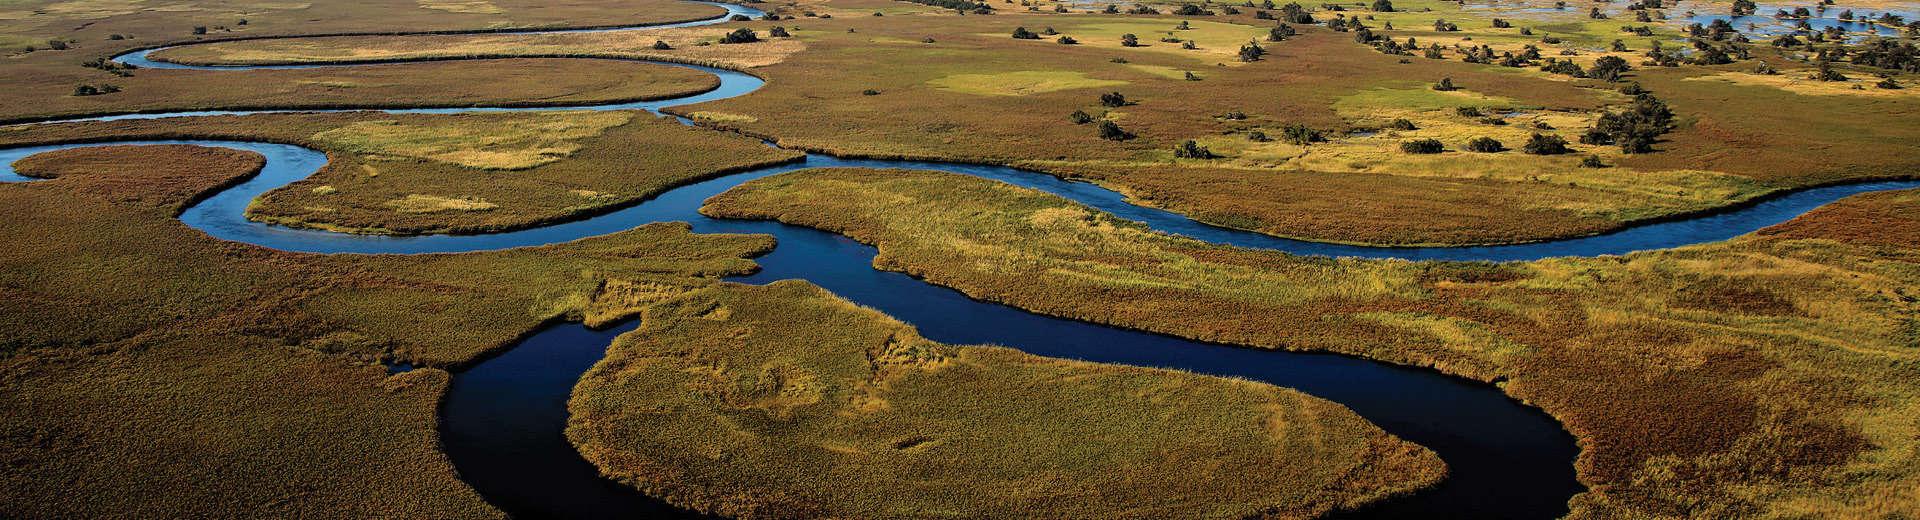 ultimate botswana safari